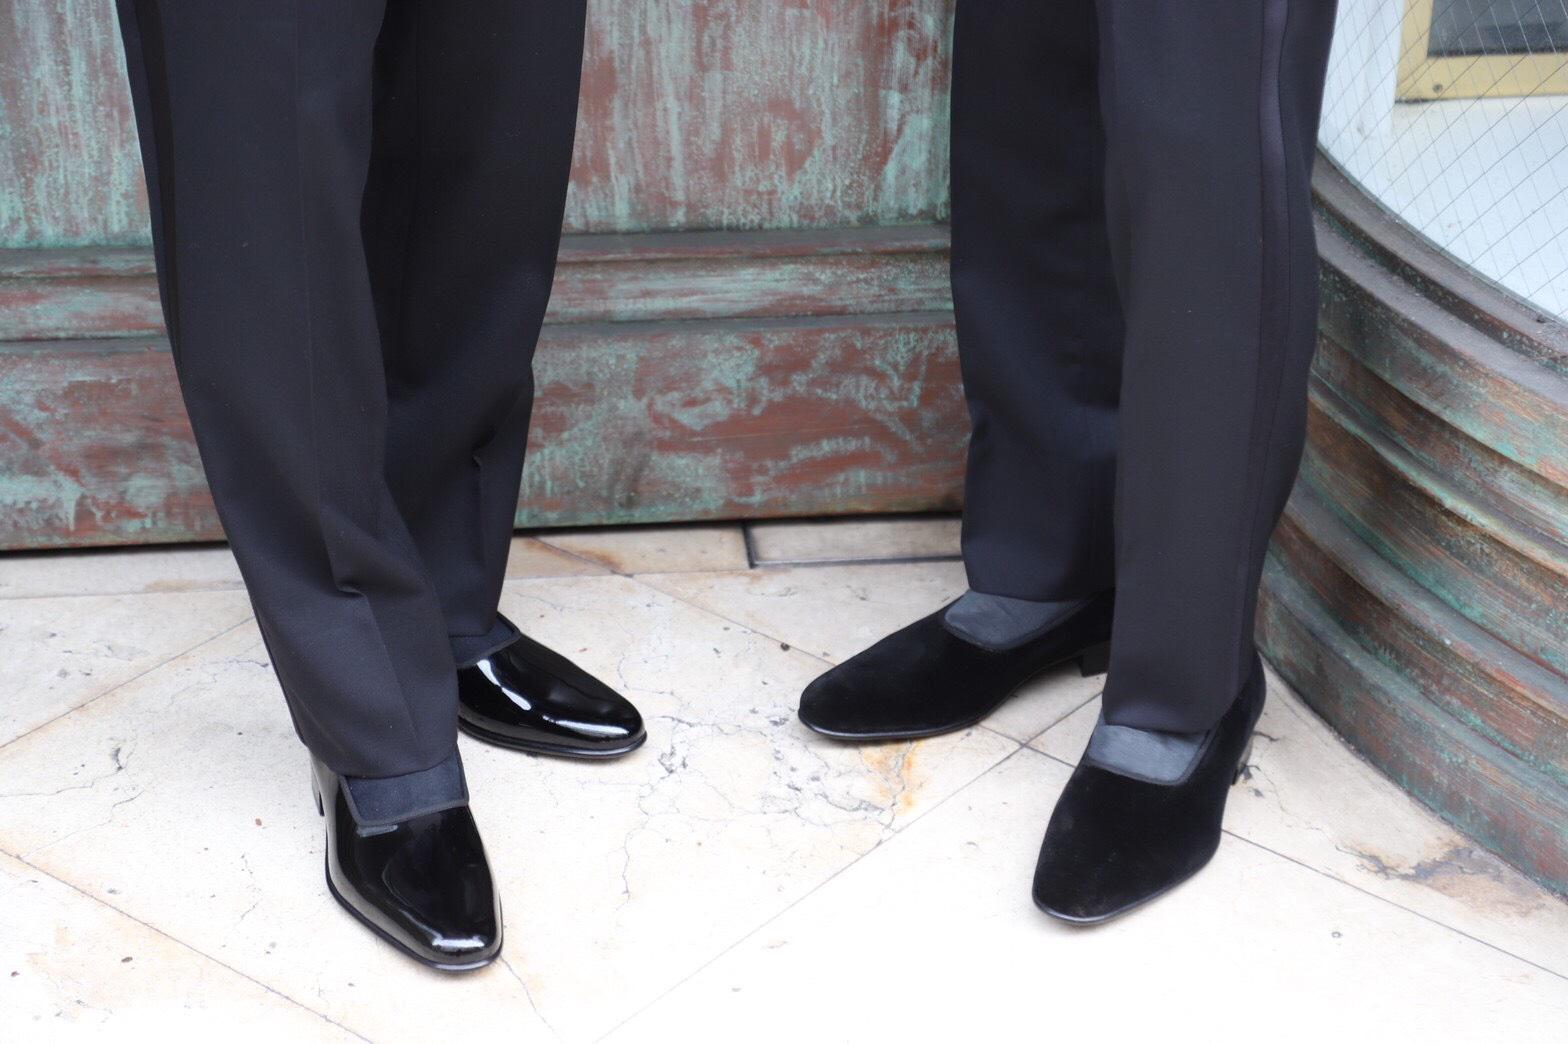 ザトリートドレッシング京都店がご紹介するご新郎様におすすめのイタリアブランド il micio (イルミーチョ)のパンプスシューズをタキシードに合わせたドレッシーなスタイル